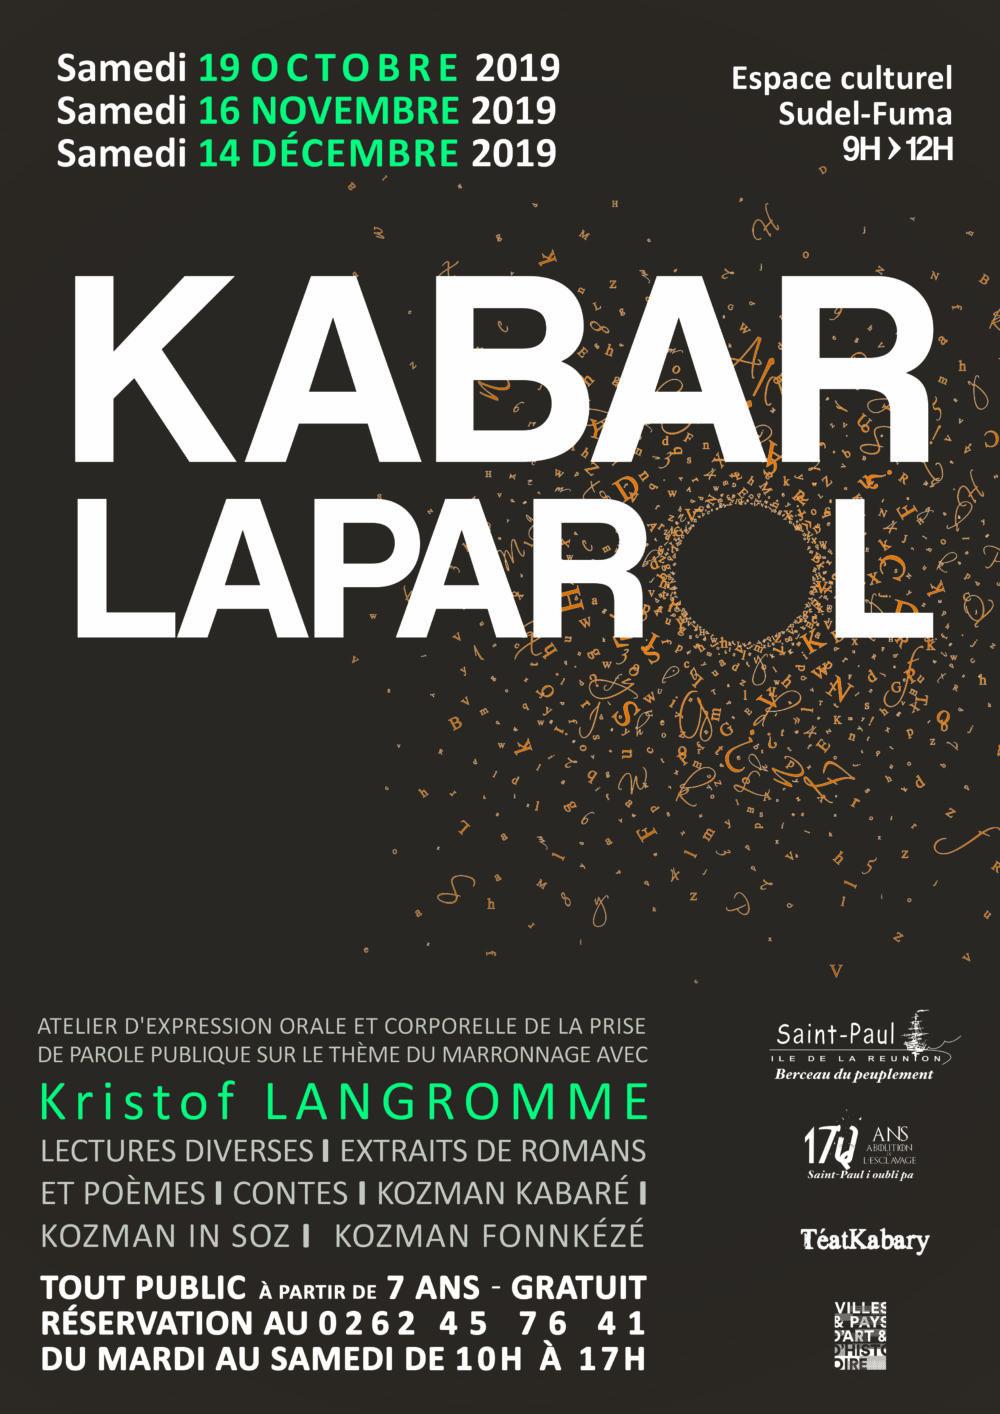 KABAR LAPAROLSaint-Paul, agenda, Les stages et les ateliers, Office de Tourisme, Ouest, La Réunion, Ile de La Réunion, 974